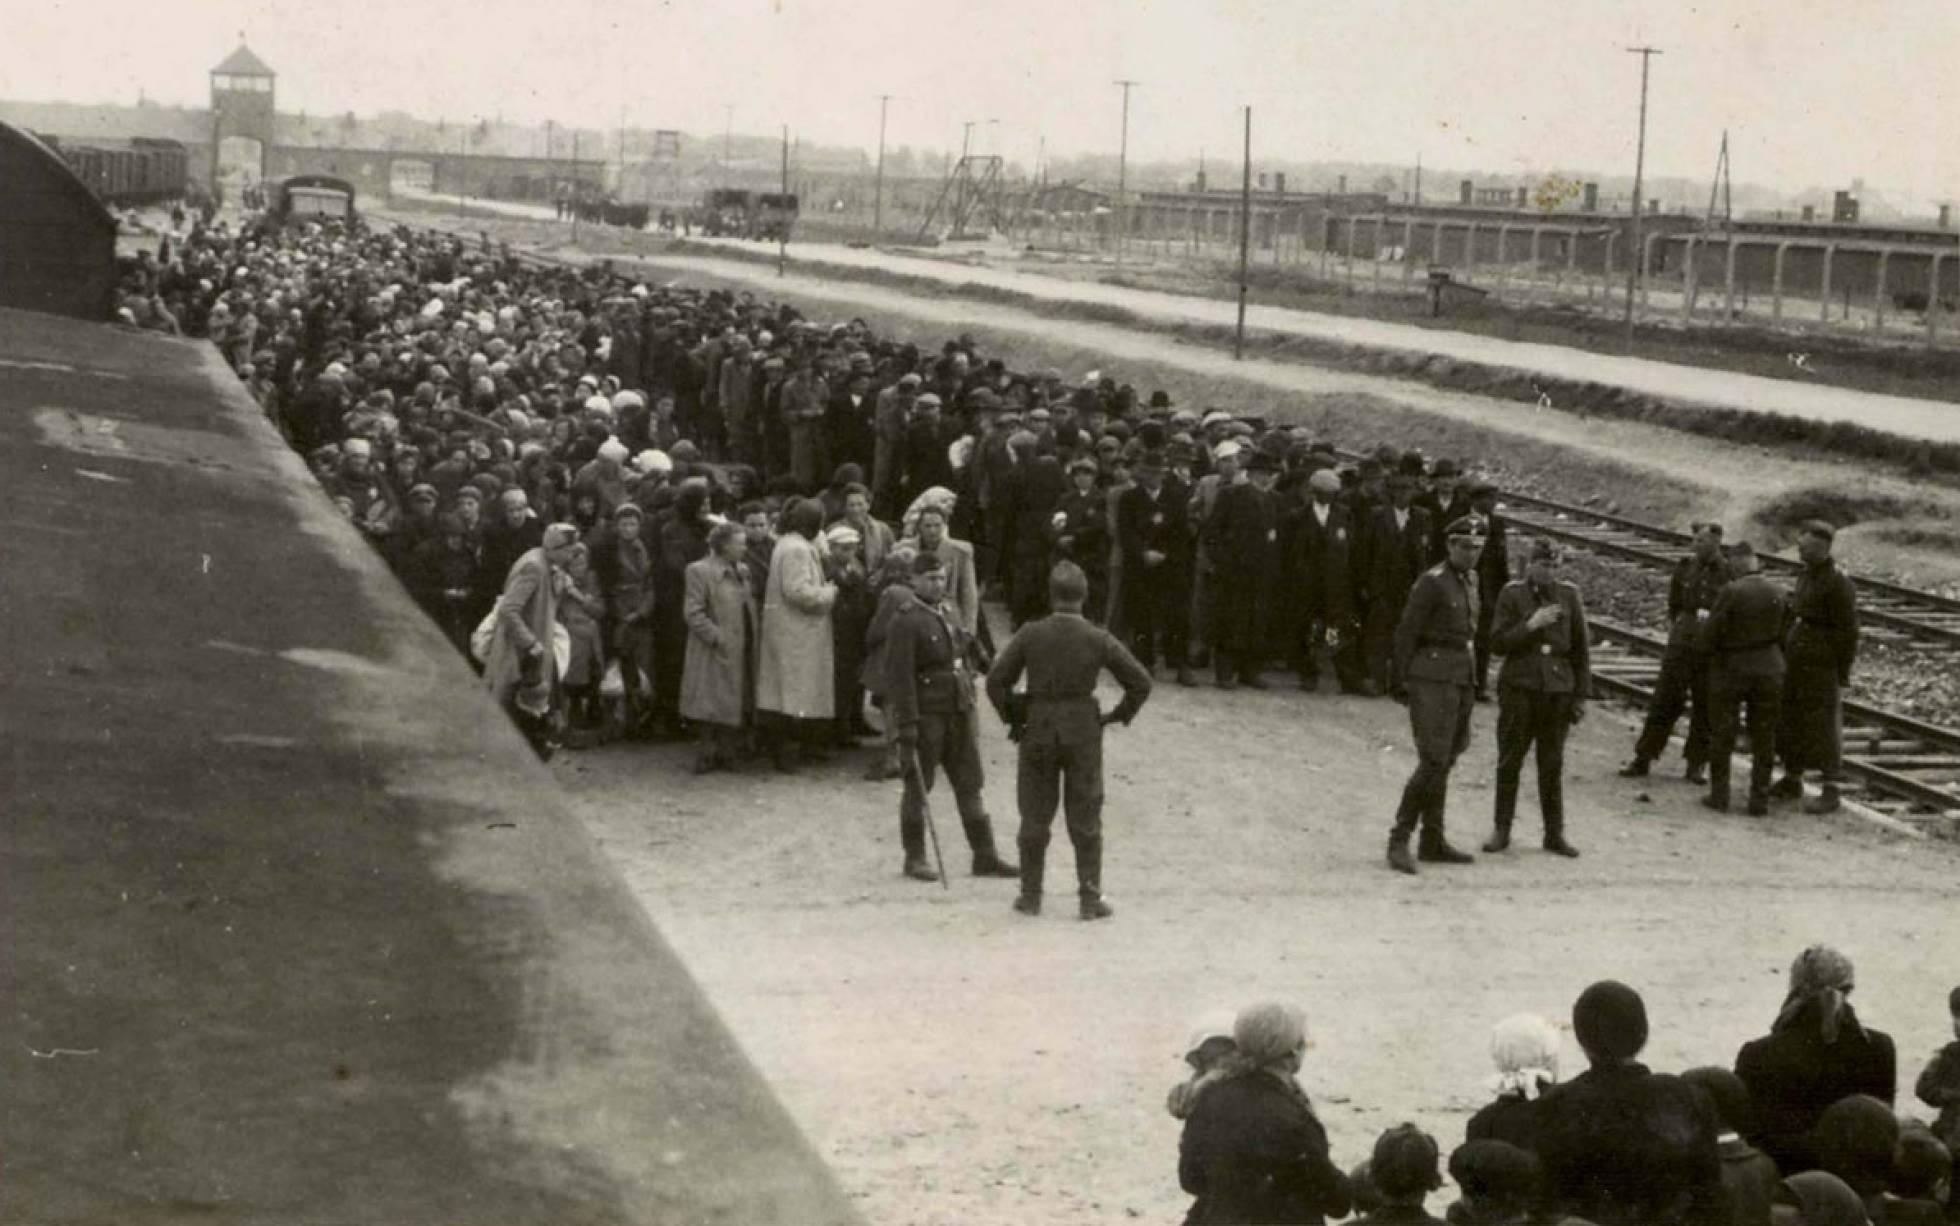 I SS rendono la selezione degli ebrei destinati a morire immediatamente nelle camere del gas sulla piattaforma di Auschwitz.